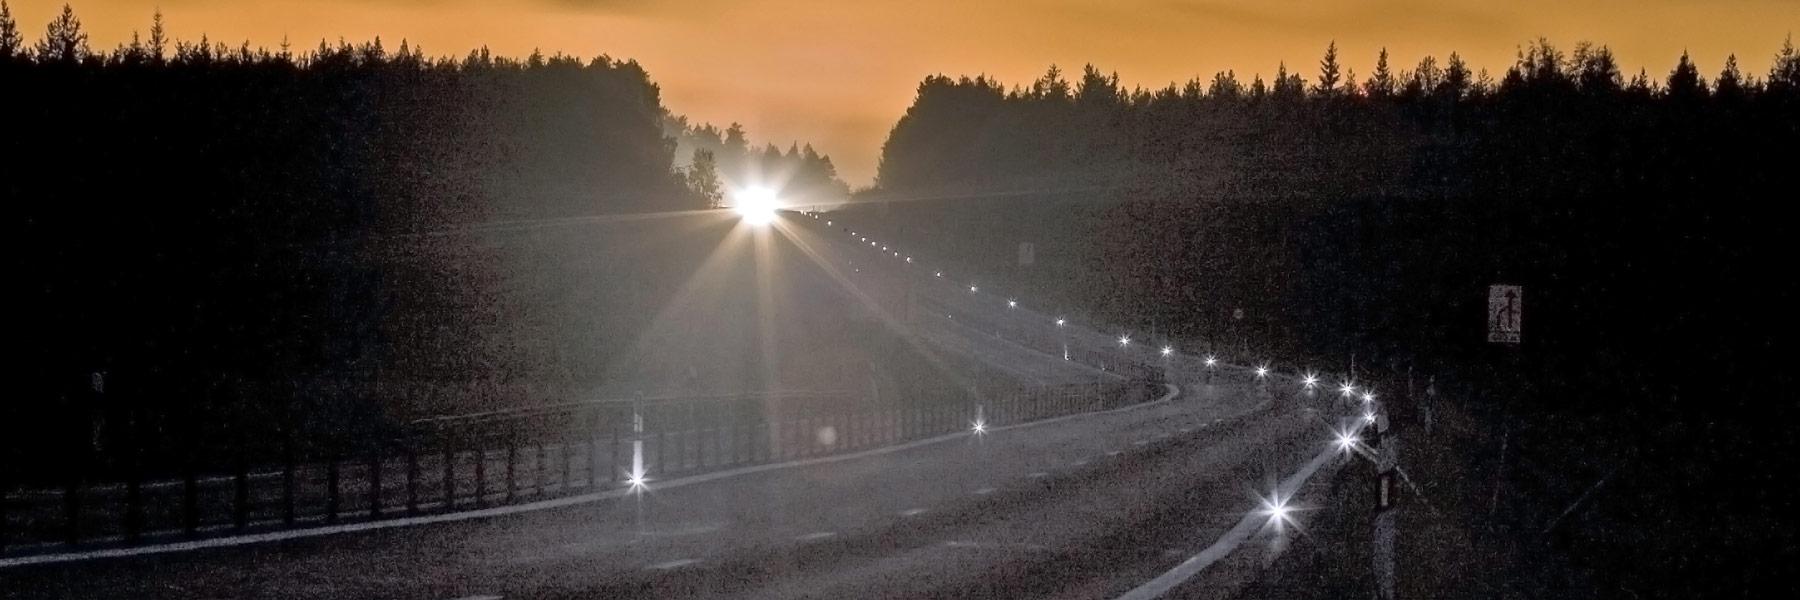 Over hele verdenen findes der vejstrækninger med farlige vejsving, mørke landeveje, ubevogtede jernbaneoverskæringer, trafikerede lyskryds med højresvingende lastbiler, rundkørsler, spøgelsesbilisme, befærdede havneområder, krydsende fodgængere…steder hvor mennesker færdes og uheld kan ske. Uheld, som måske kunne være forhindret, hvis de rigtige forholdsregler var foretaget. LED-Mark ITS er en projektvirksomhed, der udvikler og sælger intelligente løsninger til vejen baseret på solcellebrikker. Løsningerne skal forebygge uheld de steder, hvor særlige risici er tilstede eller opstår. Vil I forebygge potentielle uheld i Jeres område, så kontakt os allerede i dag, og hør om de muligheder vi kan tilbyde.